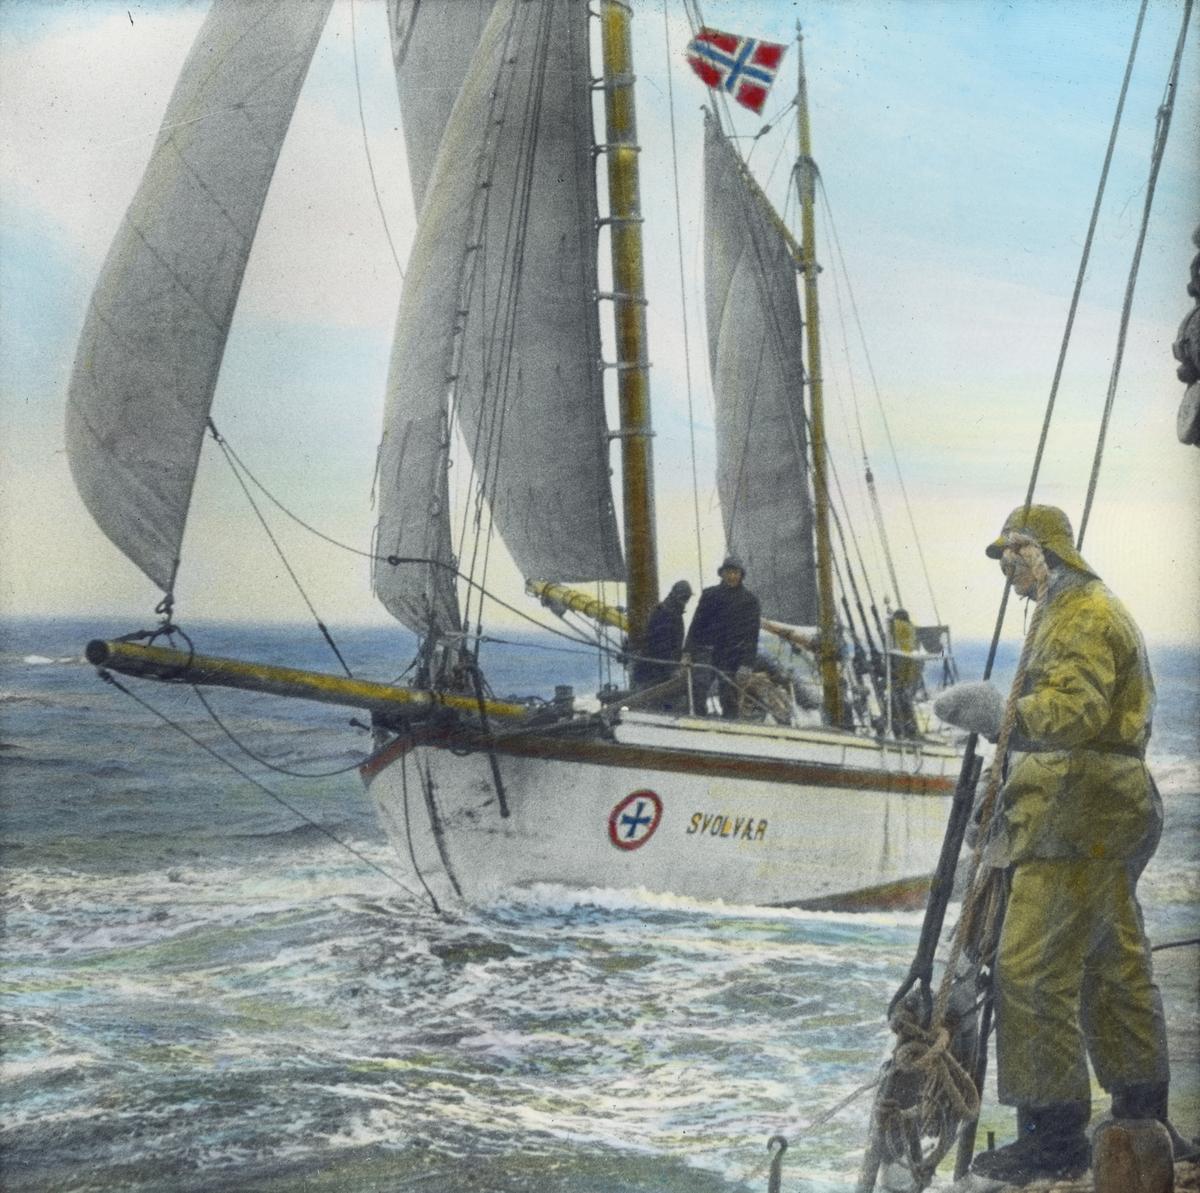 """Håndkolorert dias. Redningsskøyta """"Svolvær"""" seiler. I forgrunnen står en mann kledd i oljehyre og sydvest ombord i en annen båt."""